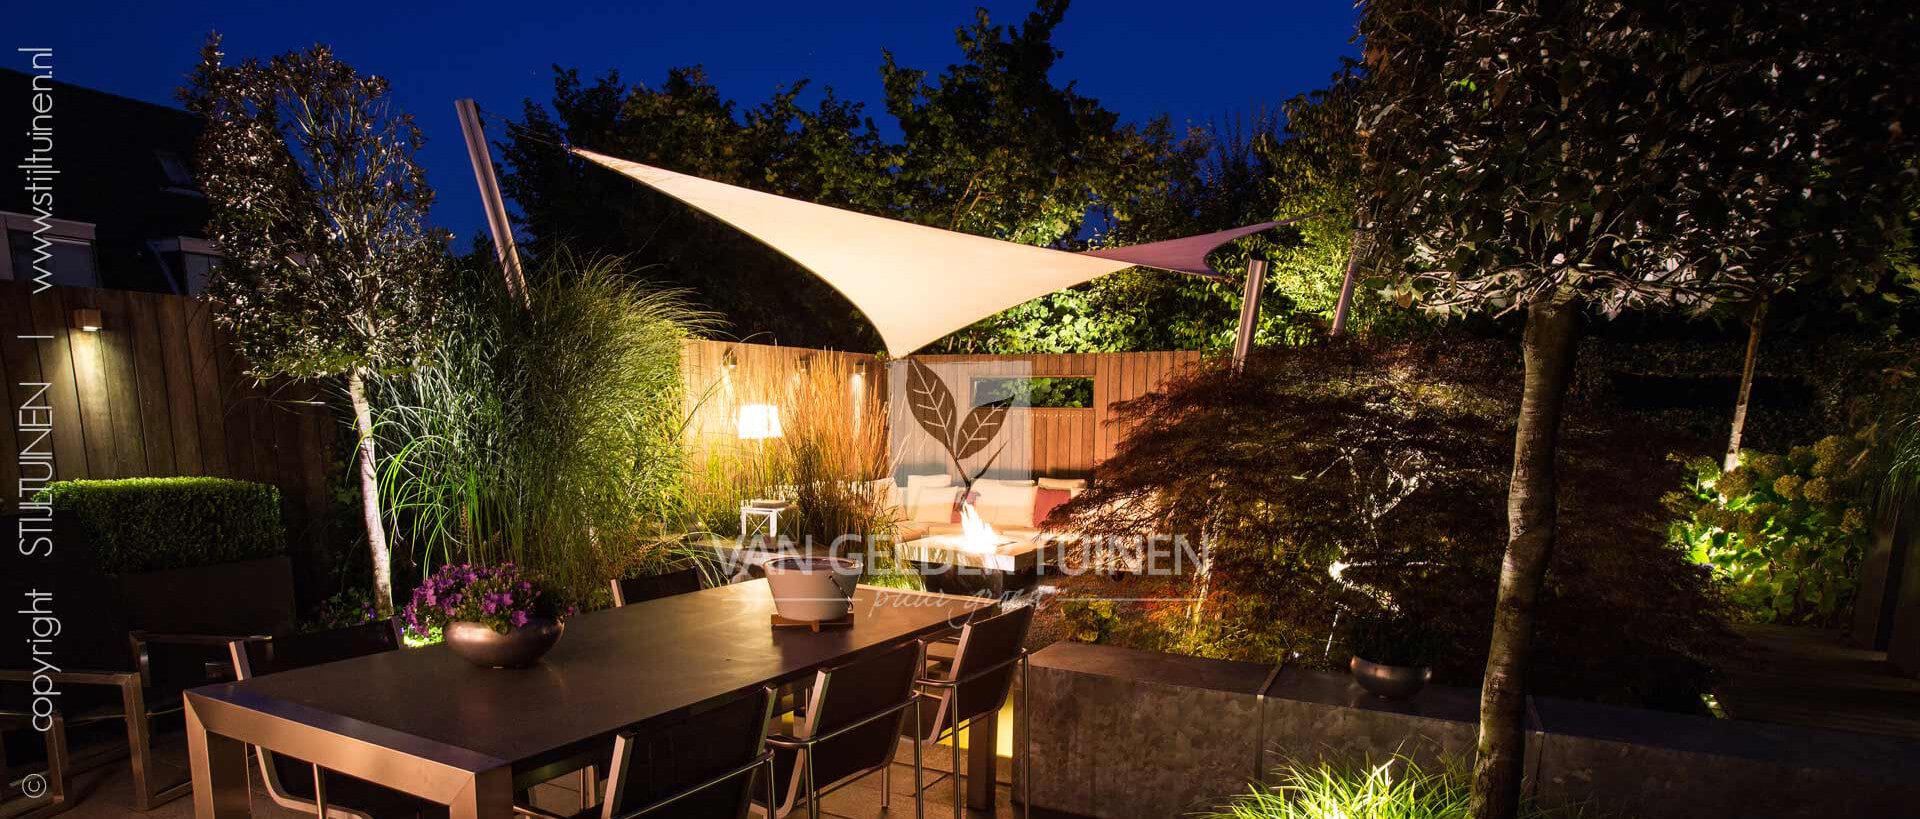 Design tuin in de avond